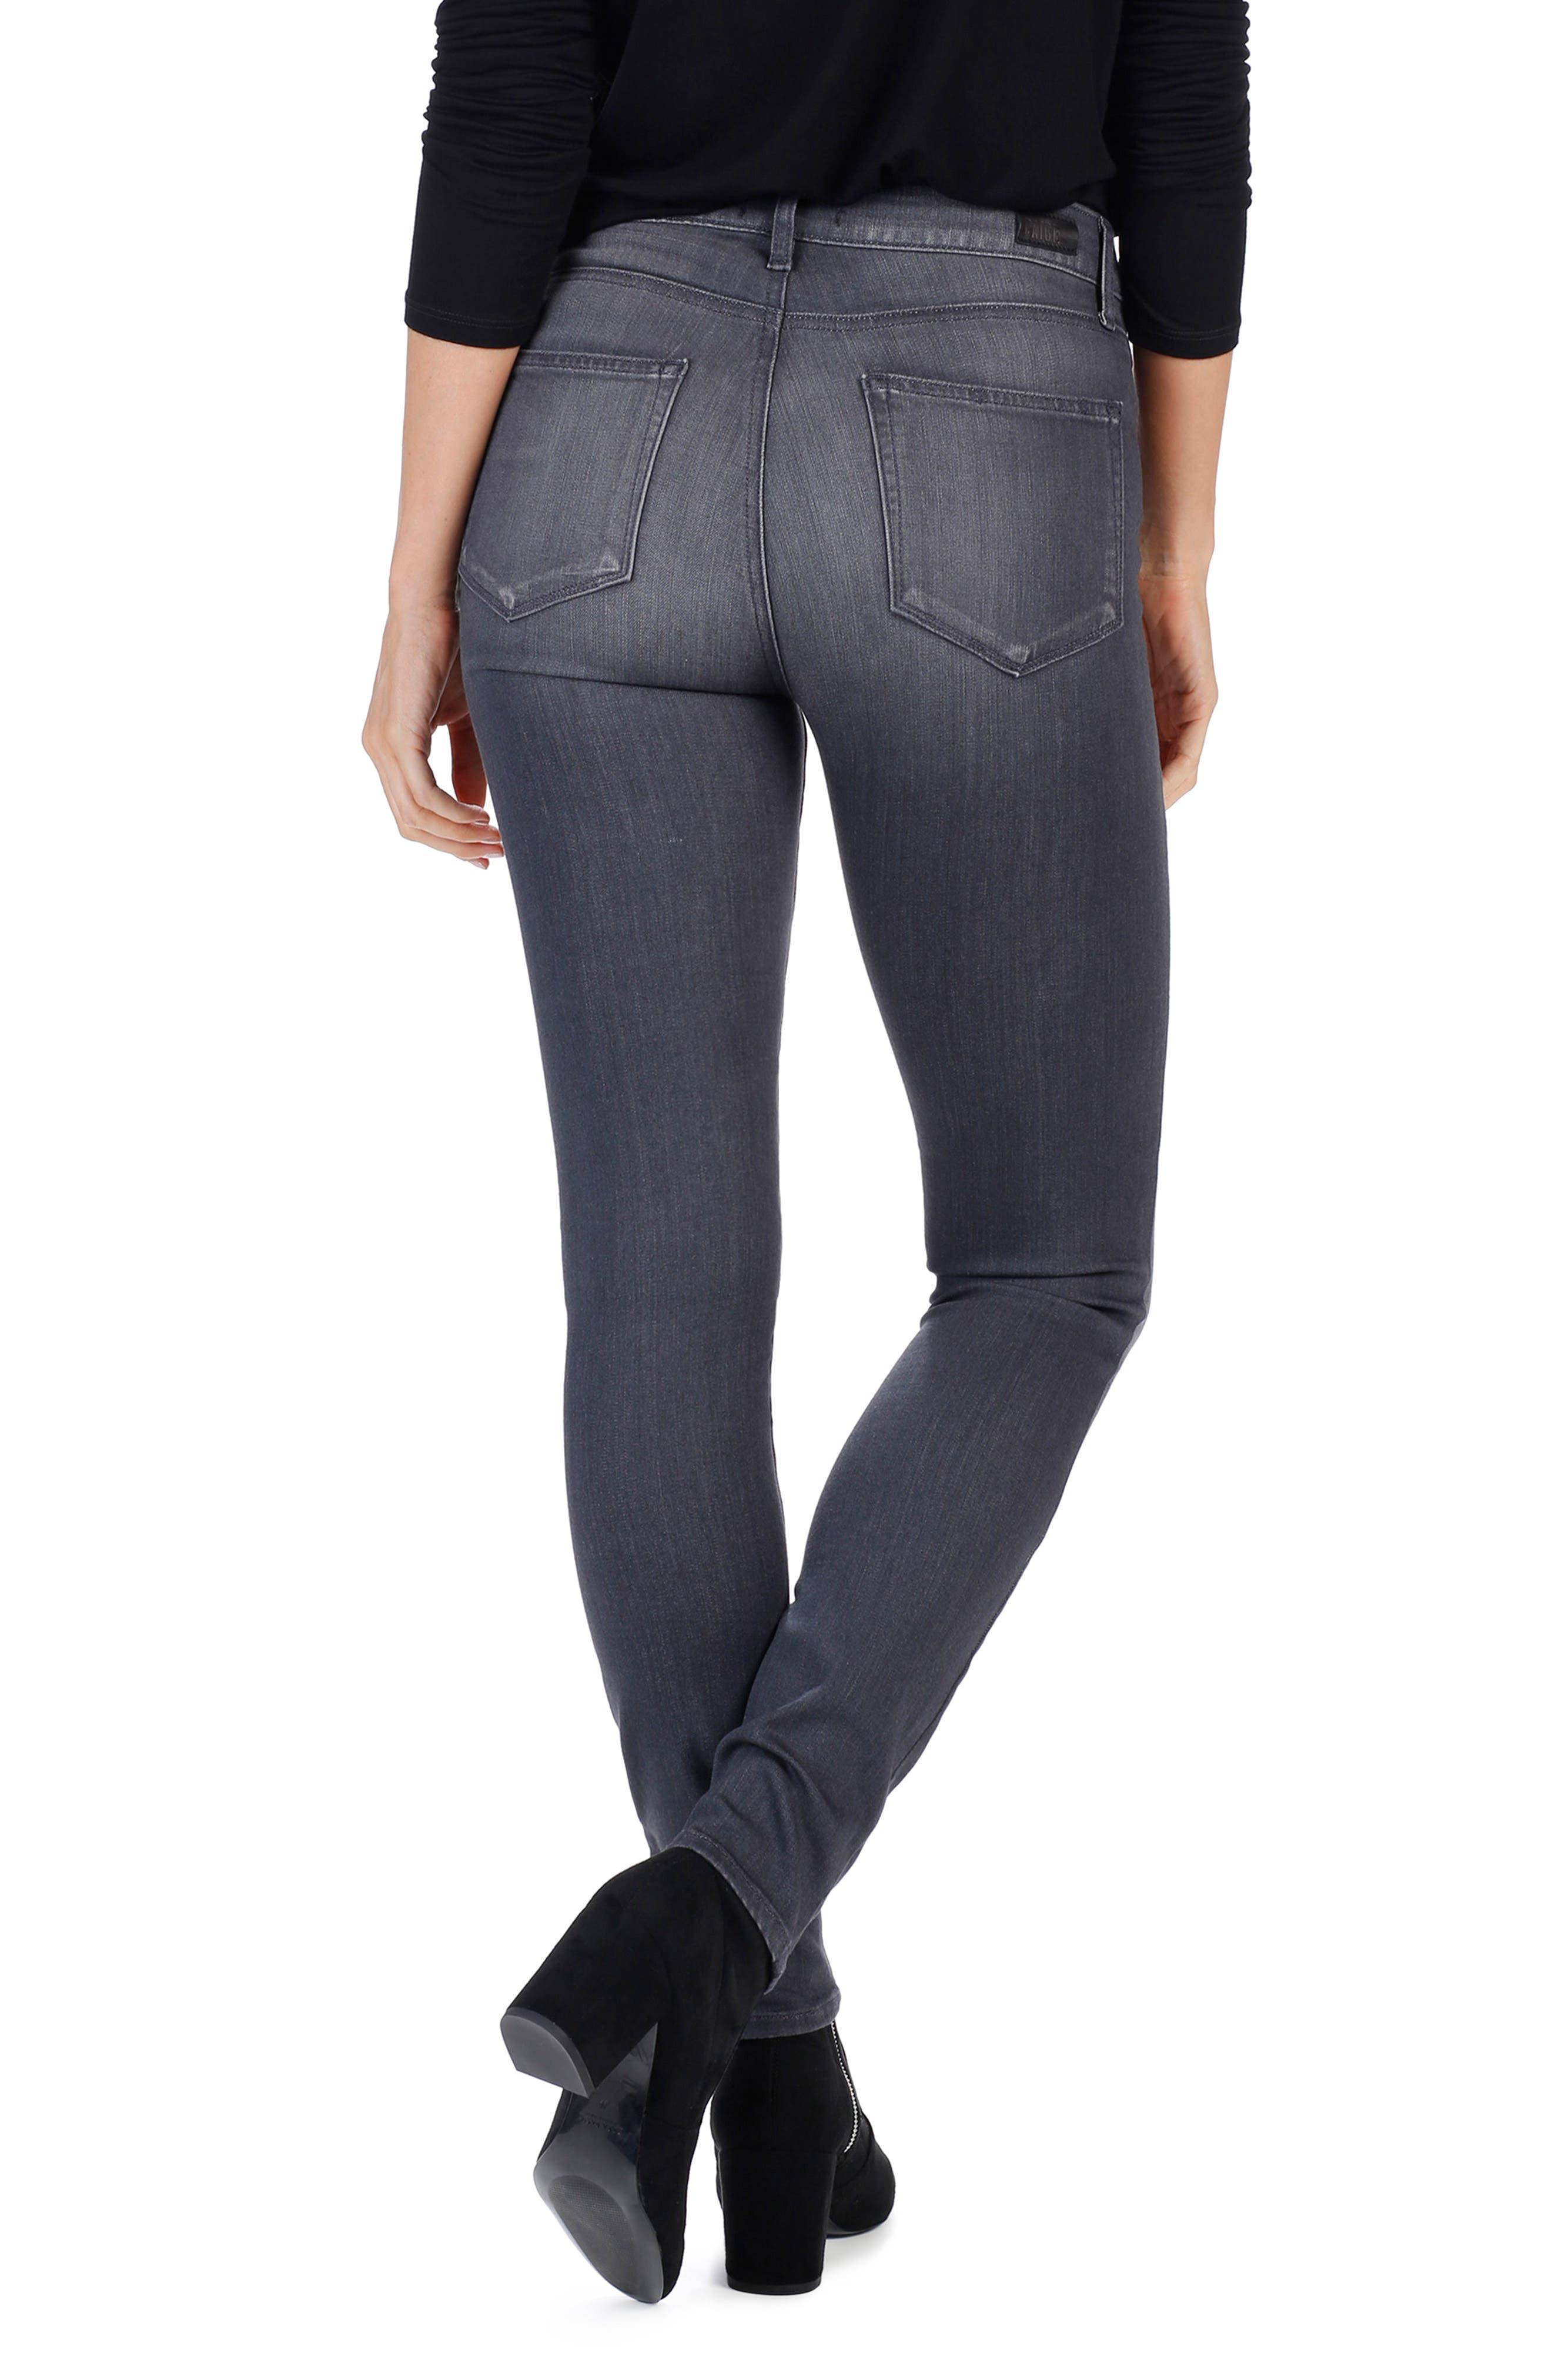 Transcend - Edgemont High Waist Skinny Jeans,                             Alternate thumbnail 3, color,                             020